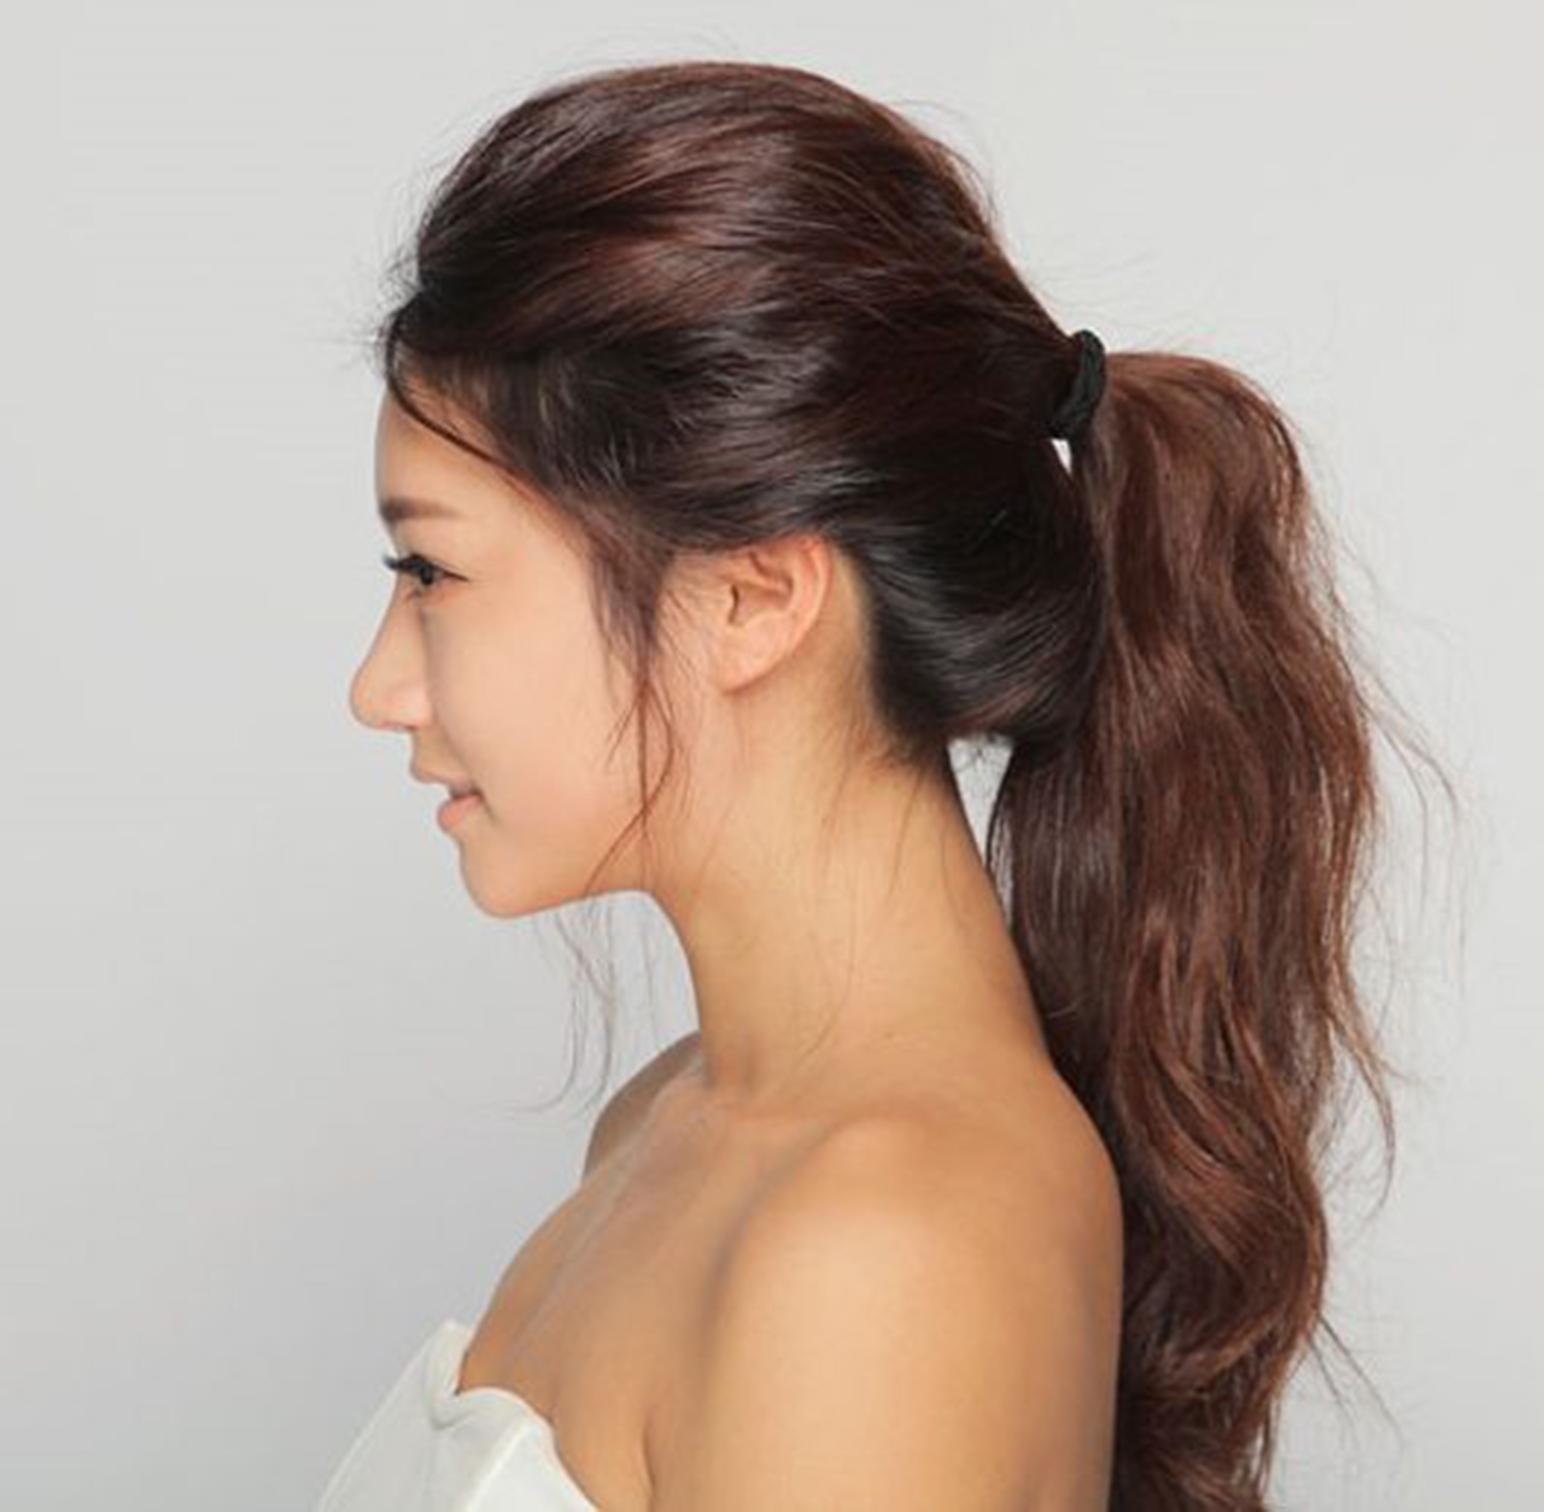 Kiểu buộc tóc đẹp mái phồng đơn giản nhất